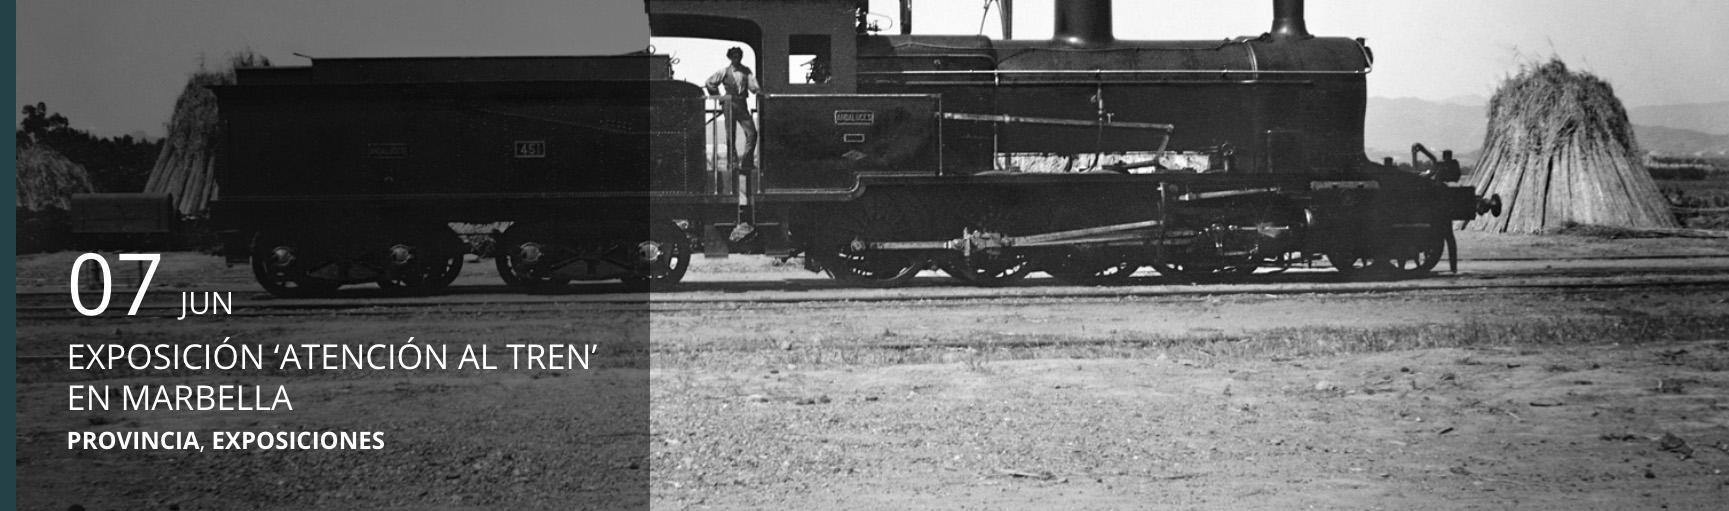 Exposición ¡Atención al tren! en Marbella.